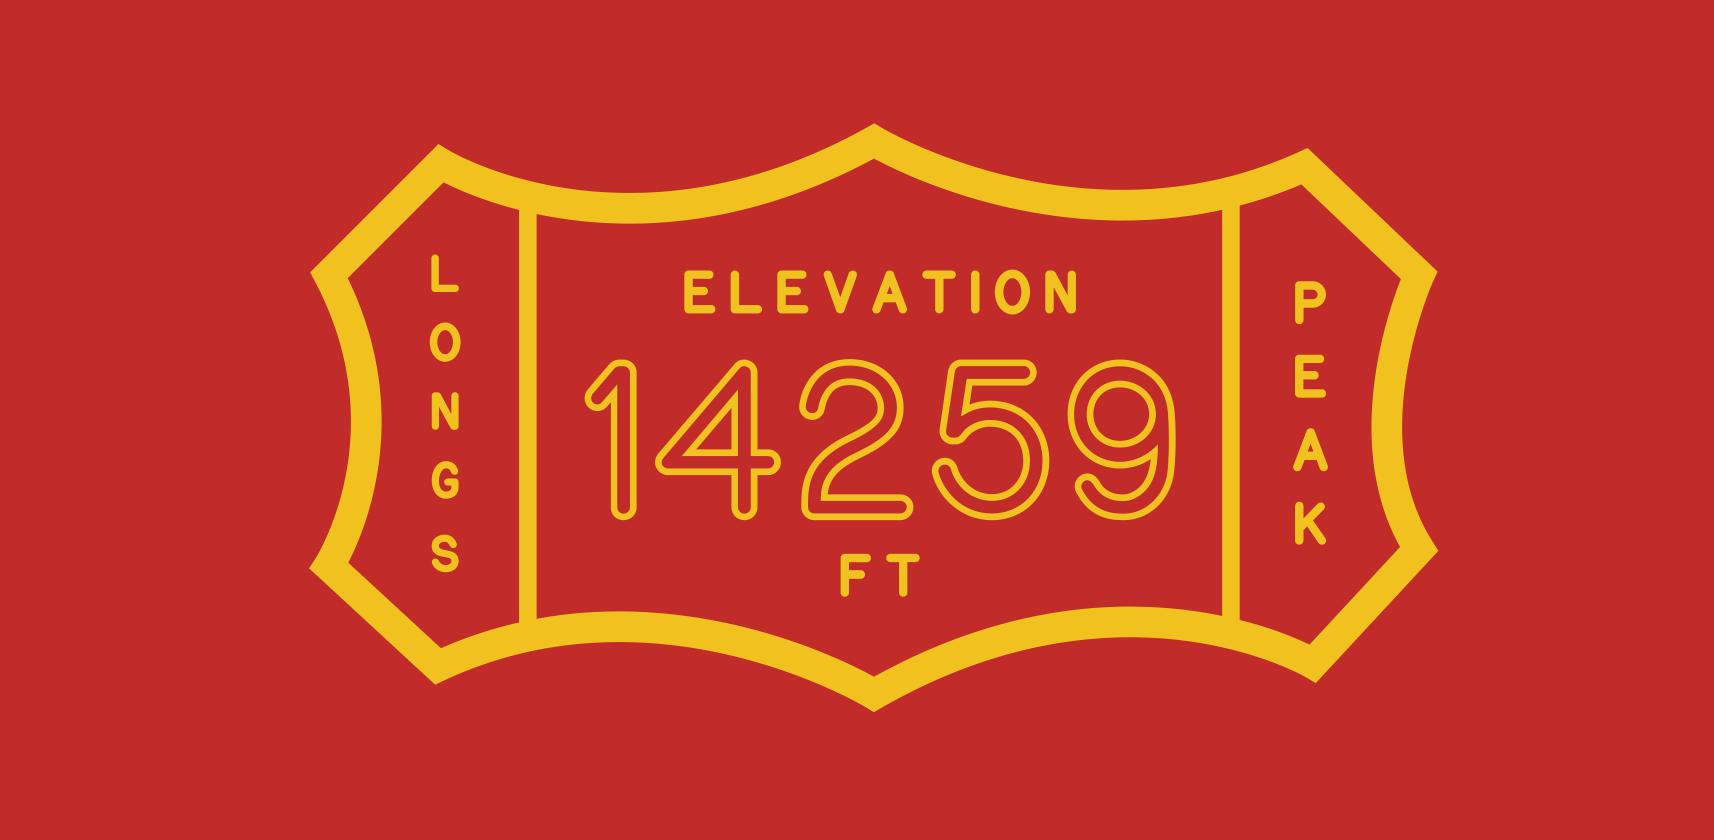 national park font 5